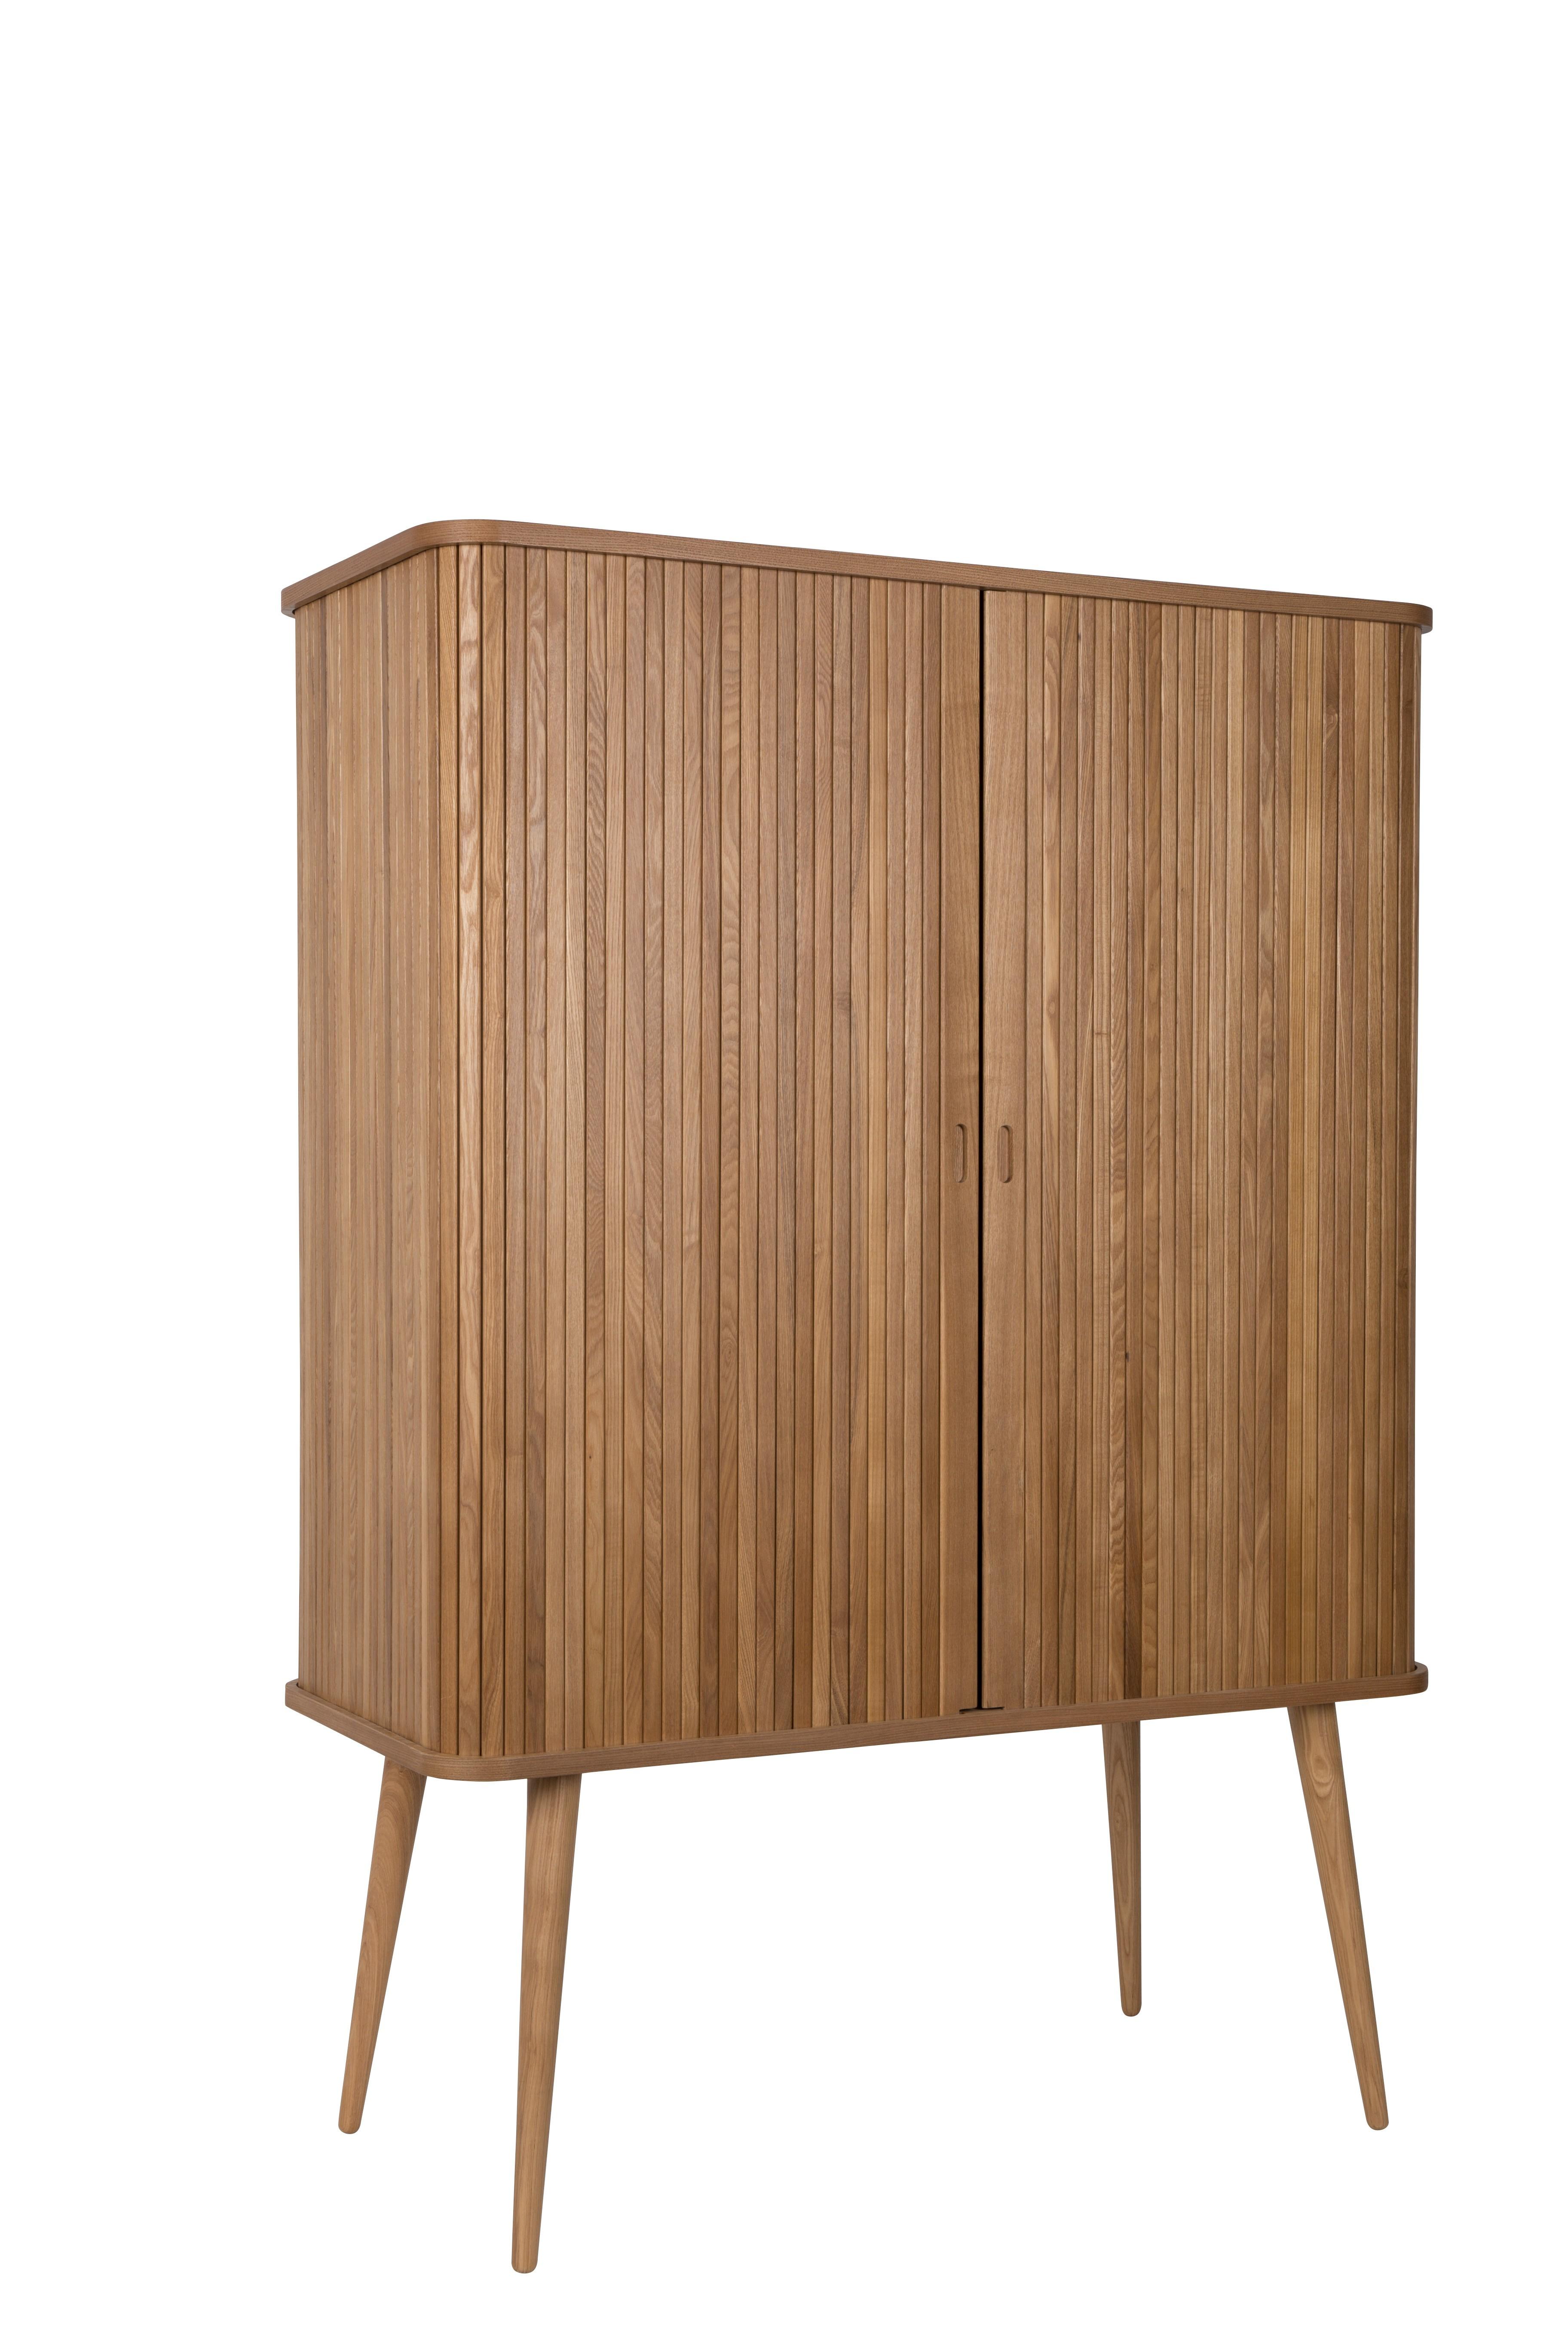 armoire-frene-h-140-cm